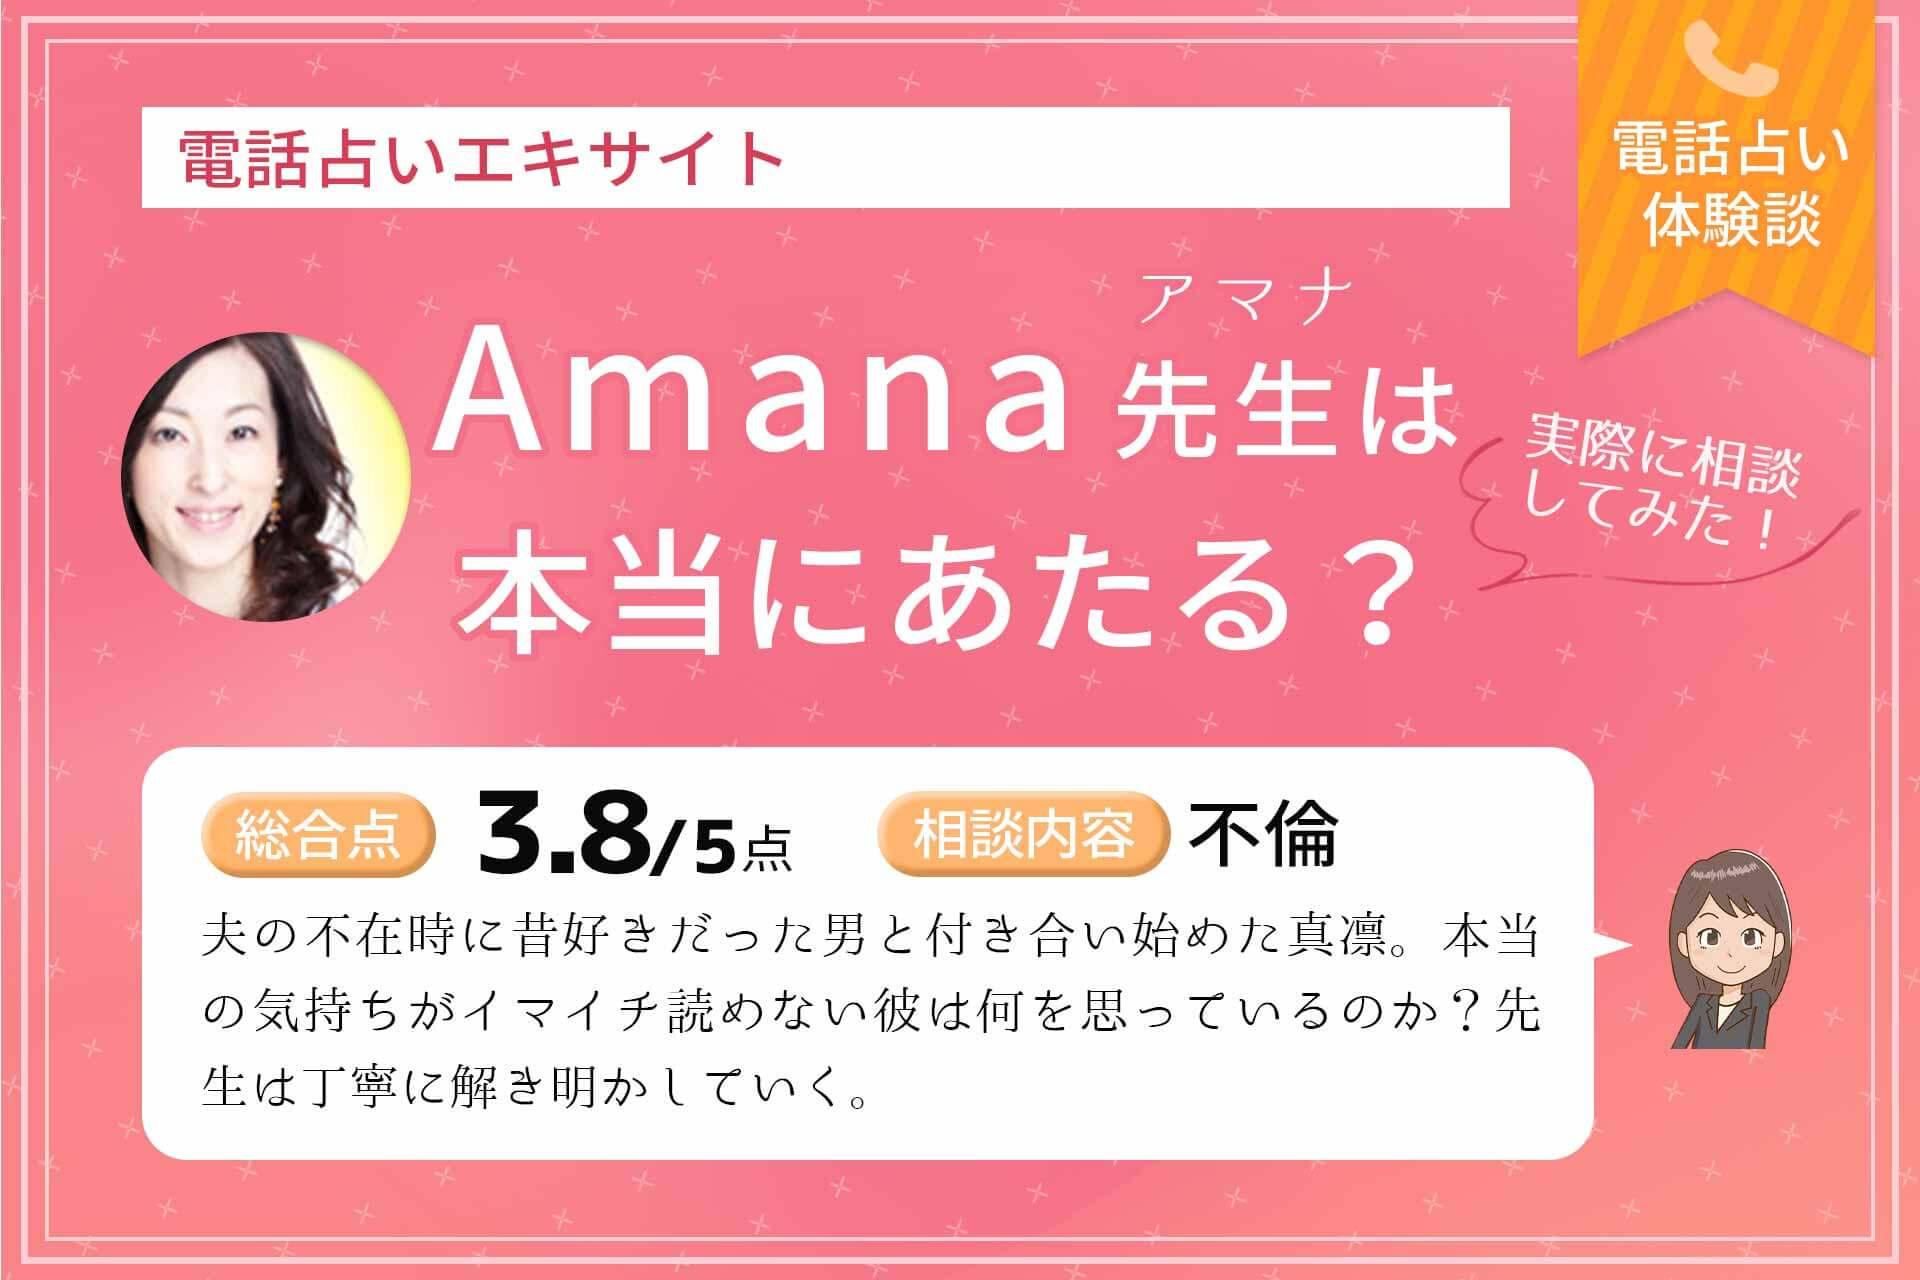 電話占いエキサイトのAmana(あまな)先生は当たる?【鑑定体験談】